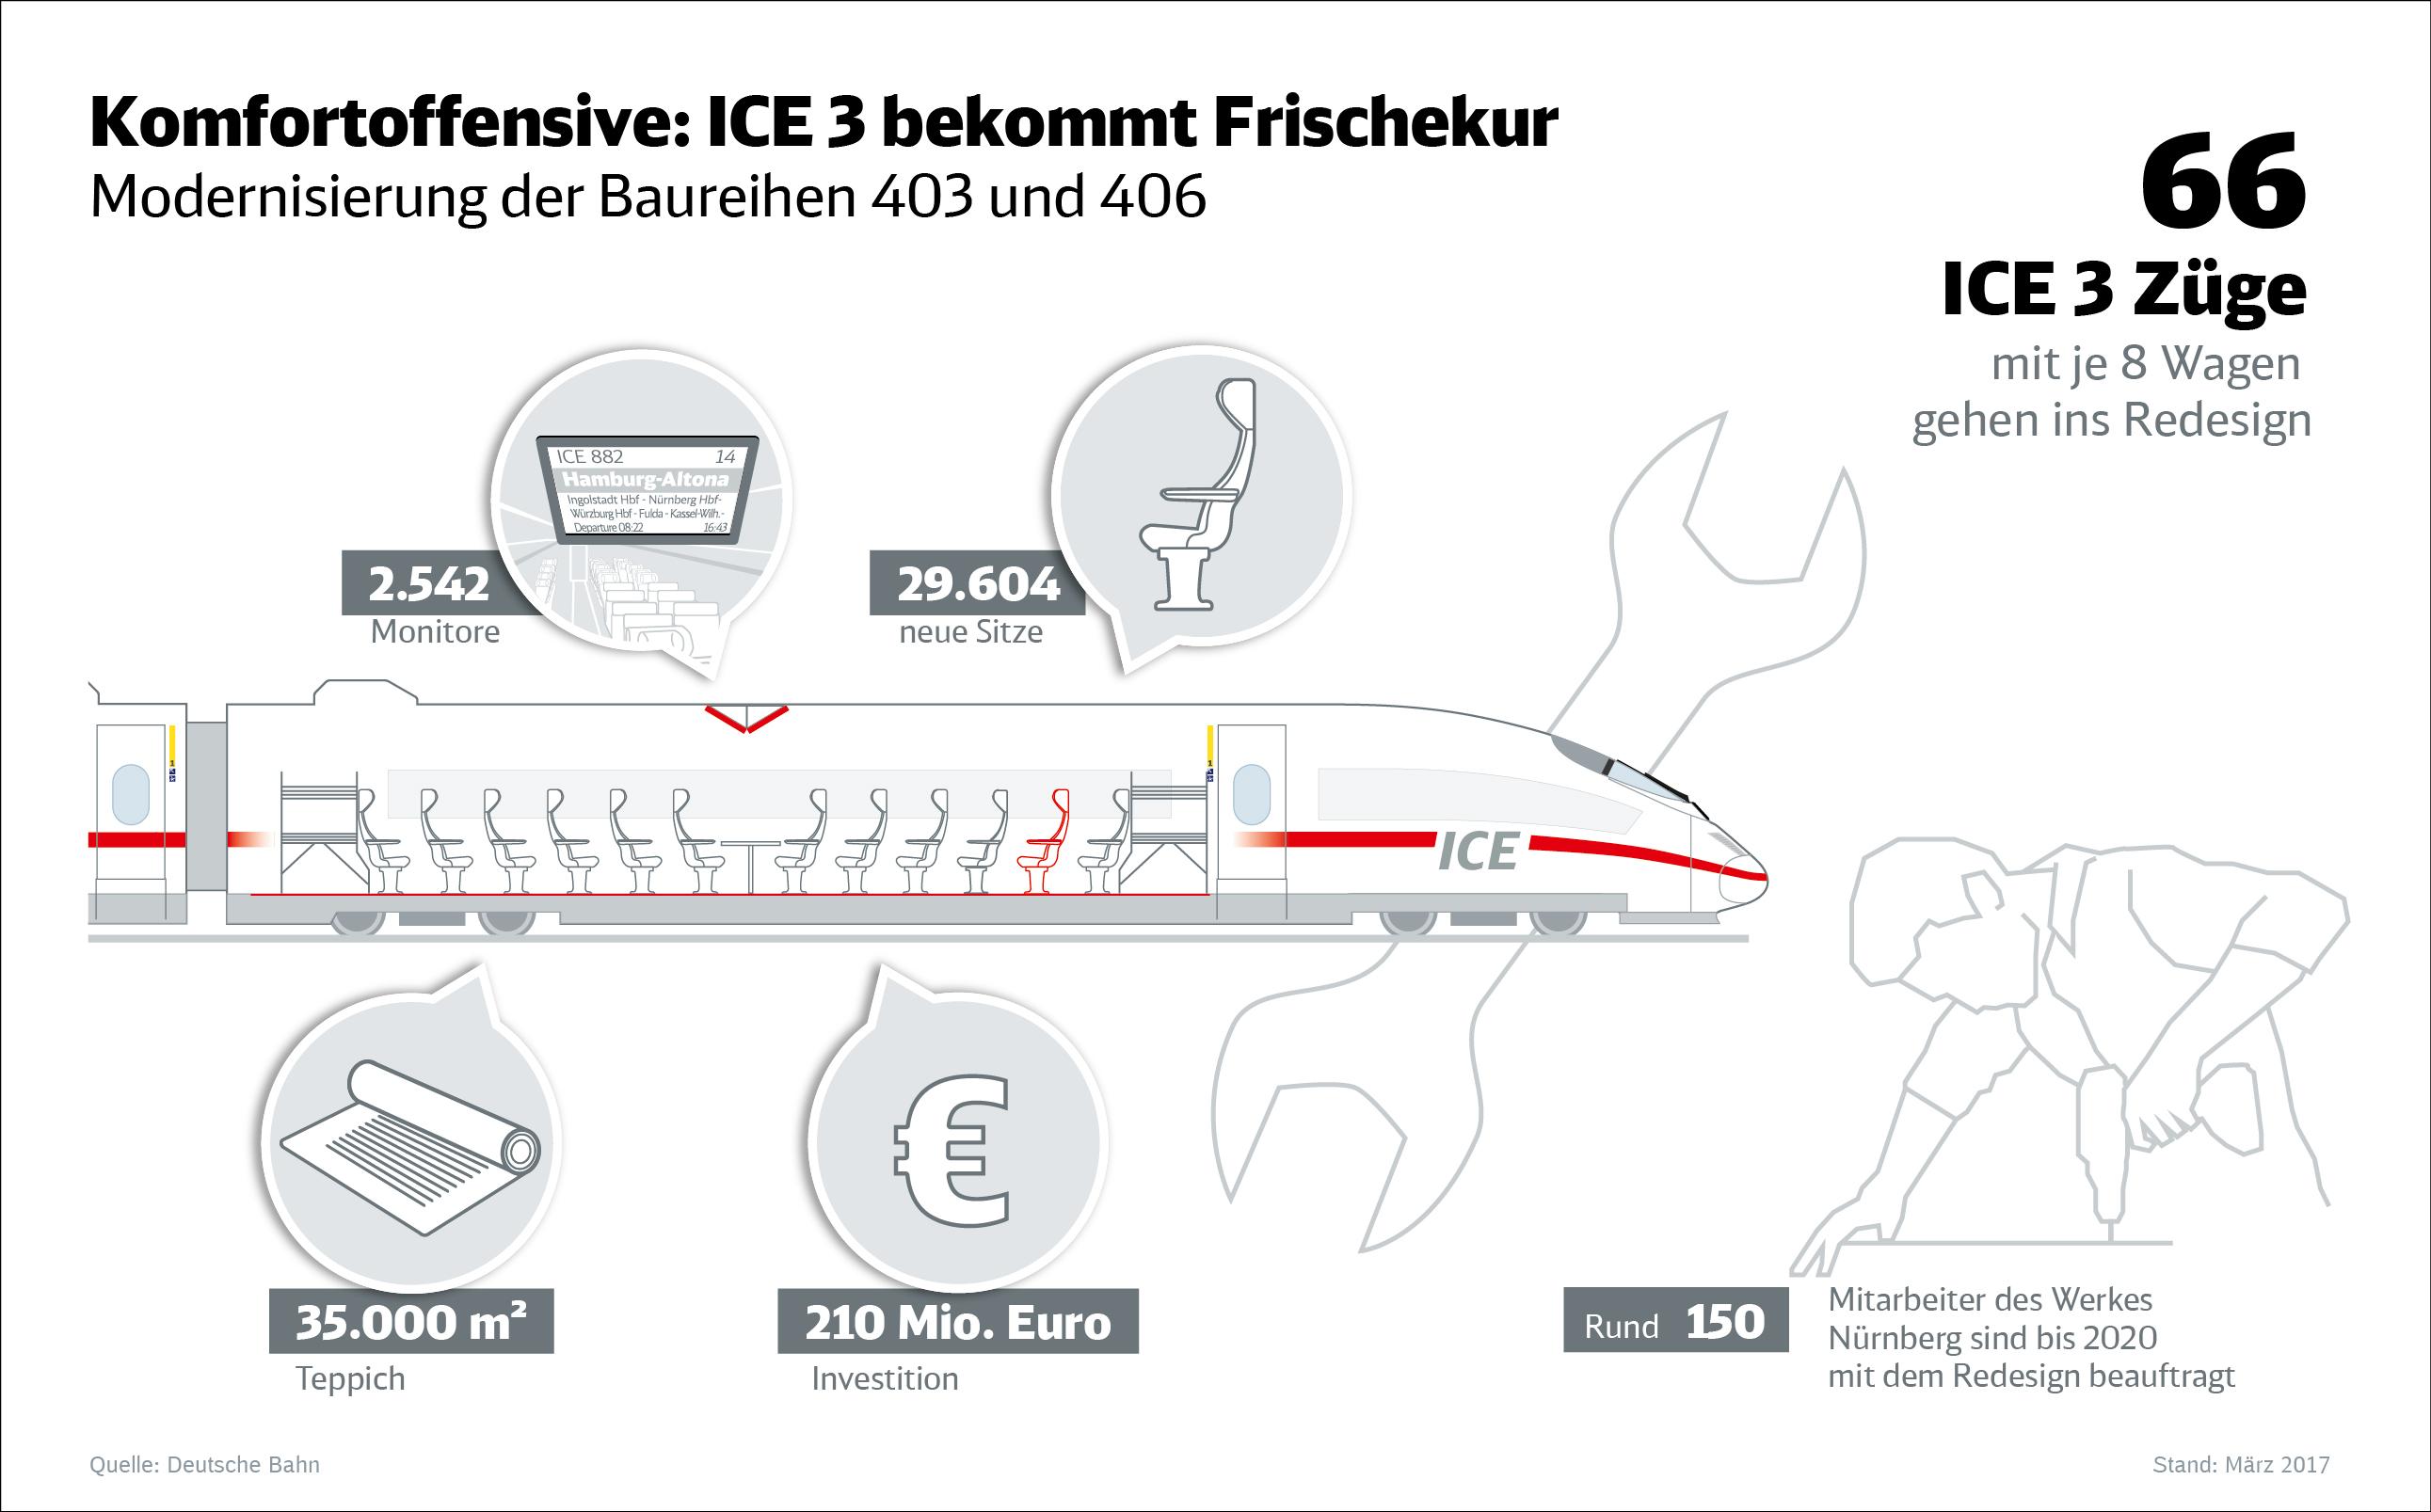 Komfortoffensive: ICE 3 bekommt Frischekur